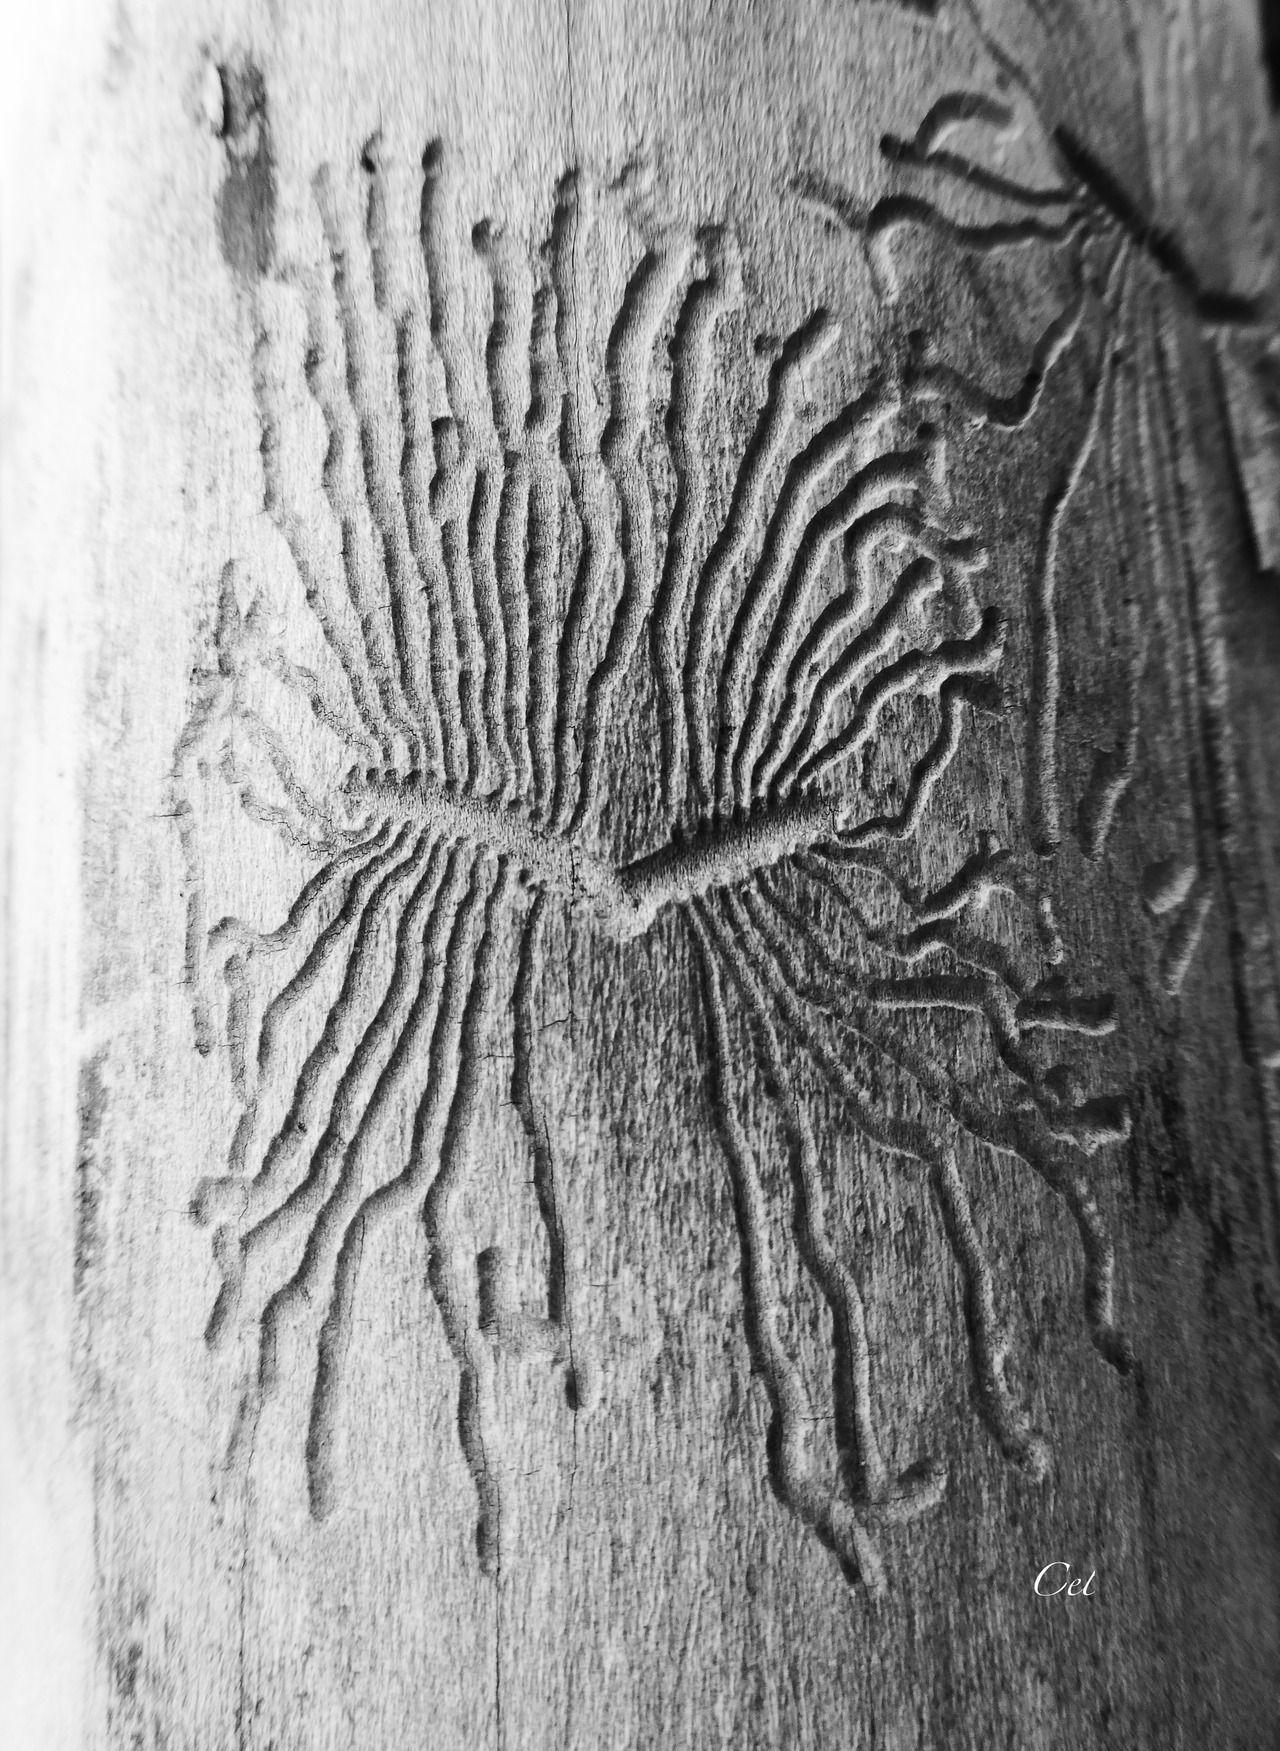 Pas encore trouvé quel insecte dessine ces magnifiques galeries graphiquement… - #and #black #dead #detail #nature #on #original #photographers #tree #tumblr #White #wood